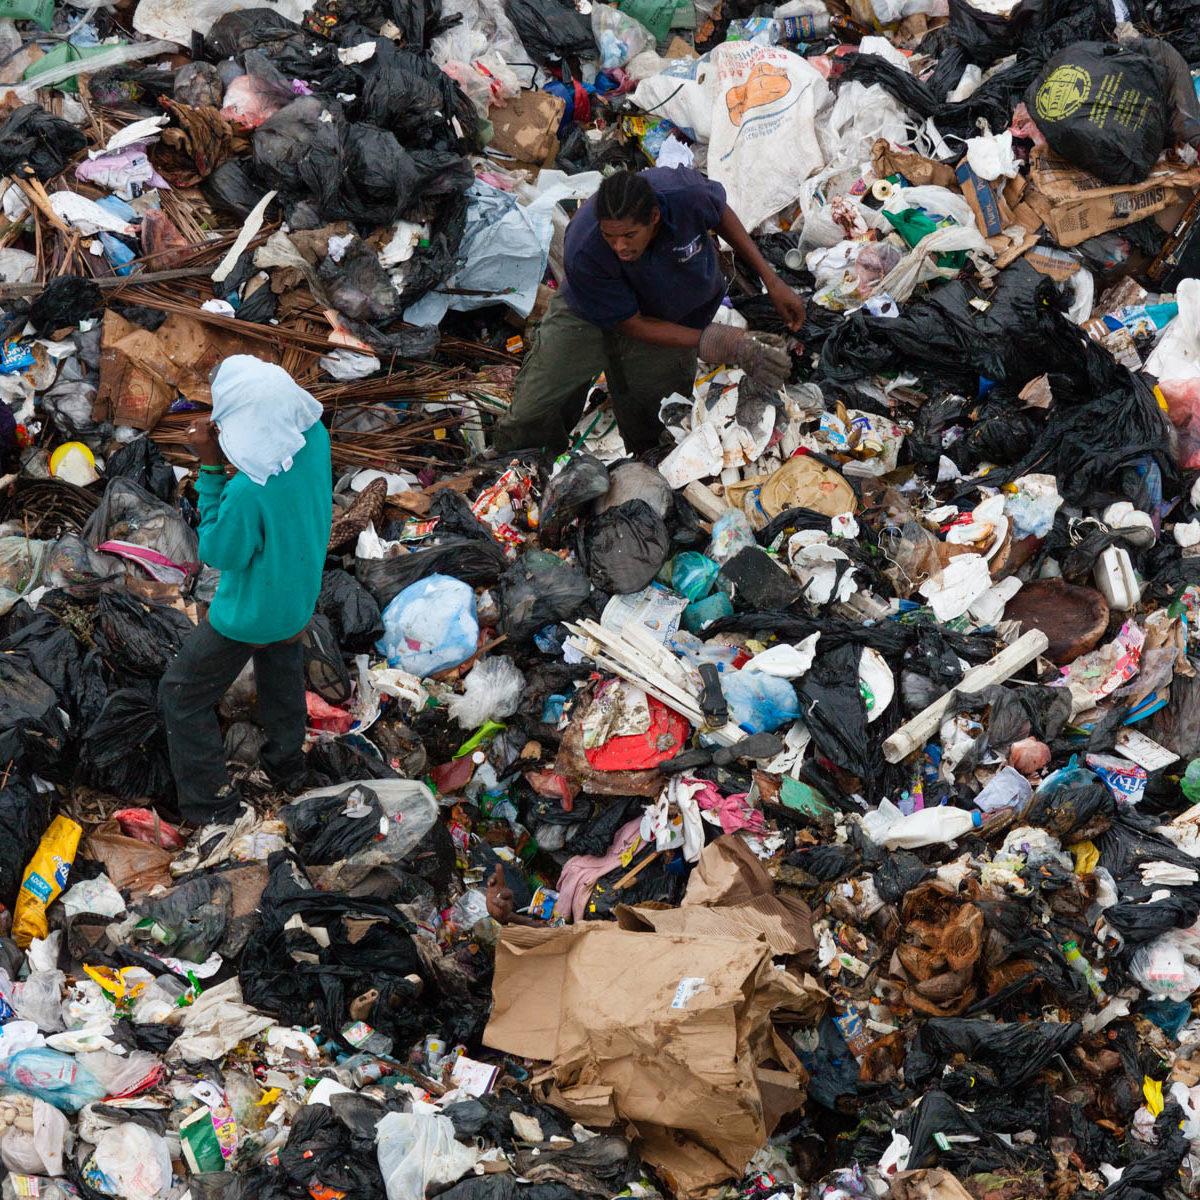 Décharge à Belize City, Belize (17°30' N - 88°14' O). : Dump at Belize City, Belize District, Belize (17°30' N, 88°14' W).